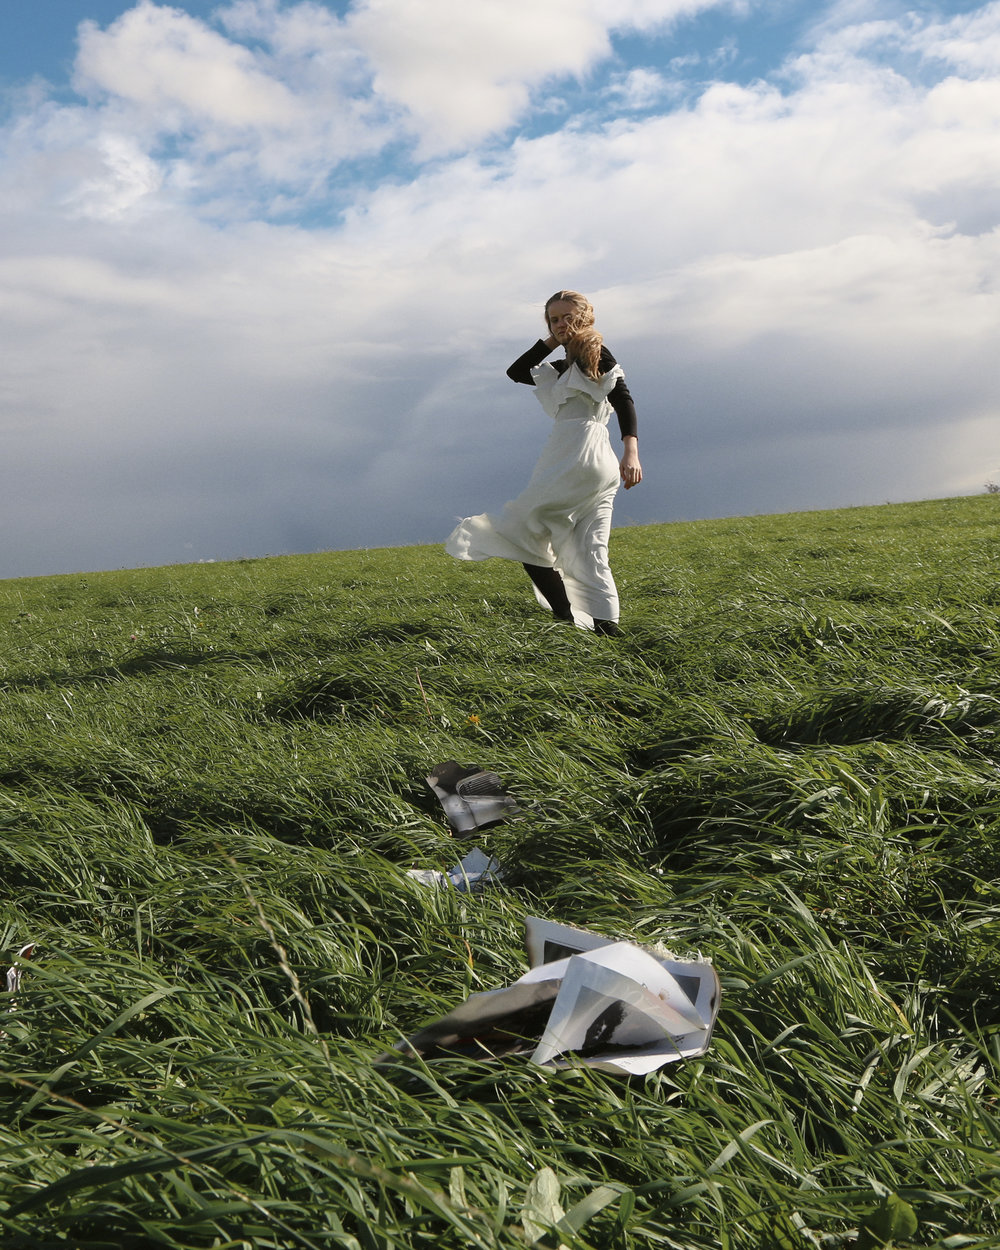 Dress - BATIK Turtleneck - COS Tights - CALZEDONIA Boots - DR. MARTENS